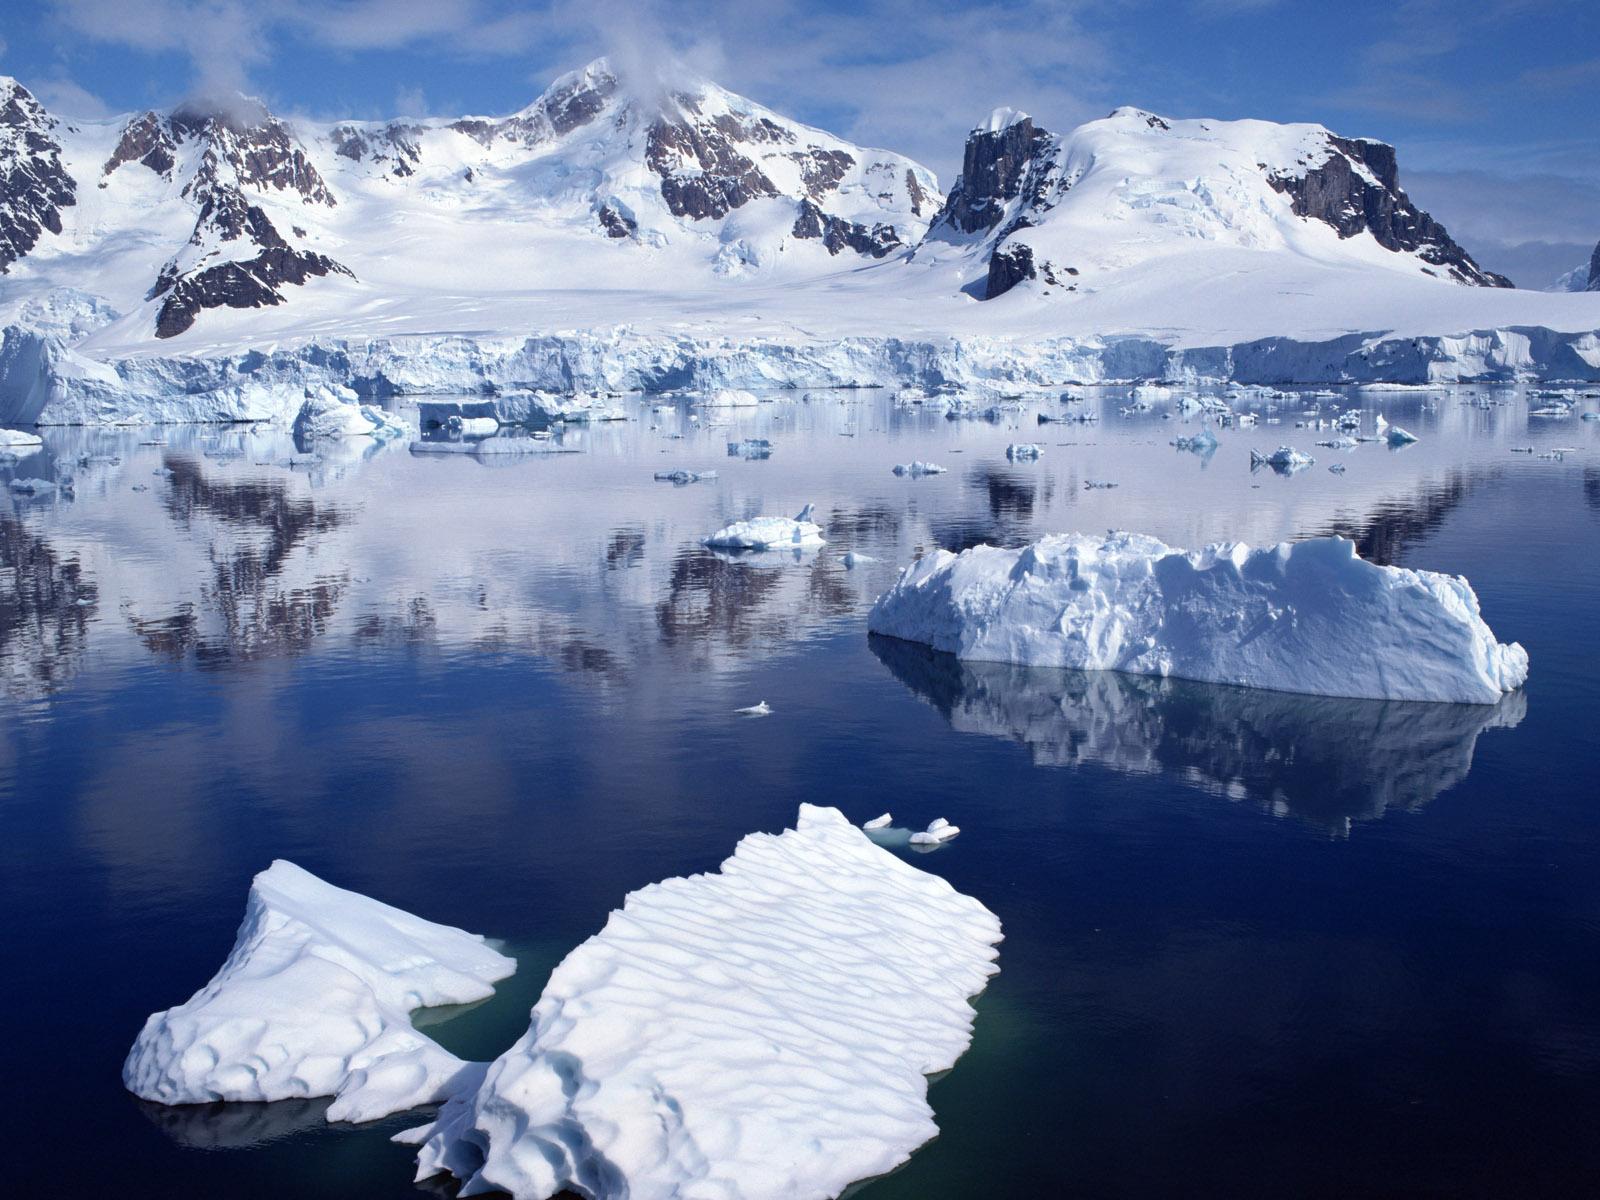 全球冰川湖面积不到30年增加51%,格陵兰岛冰盖融化程度达临界点-第2张图片-免单网